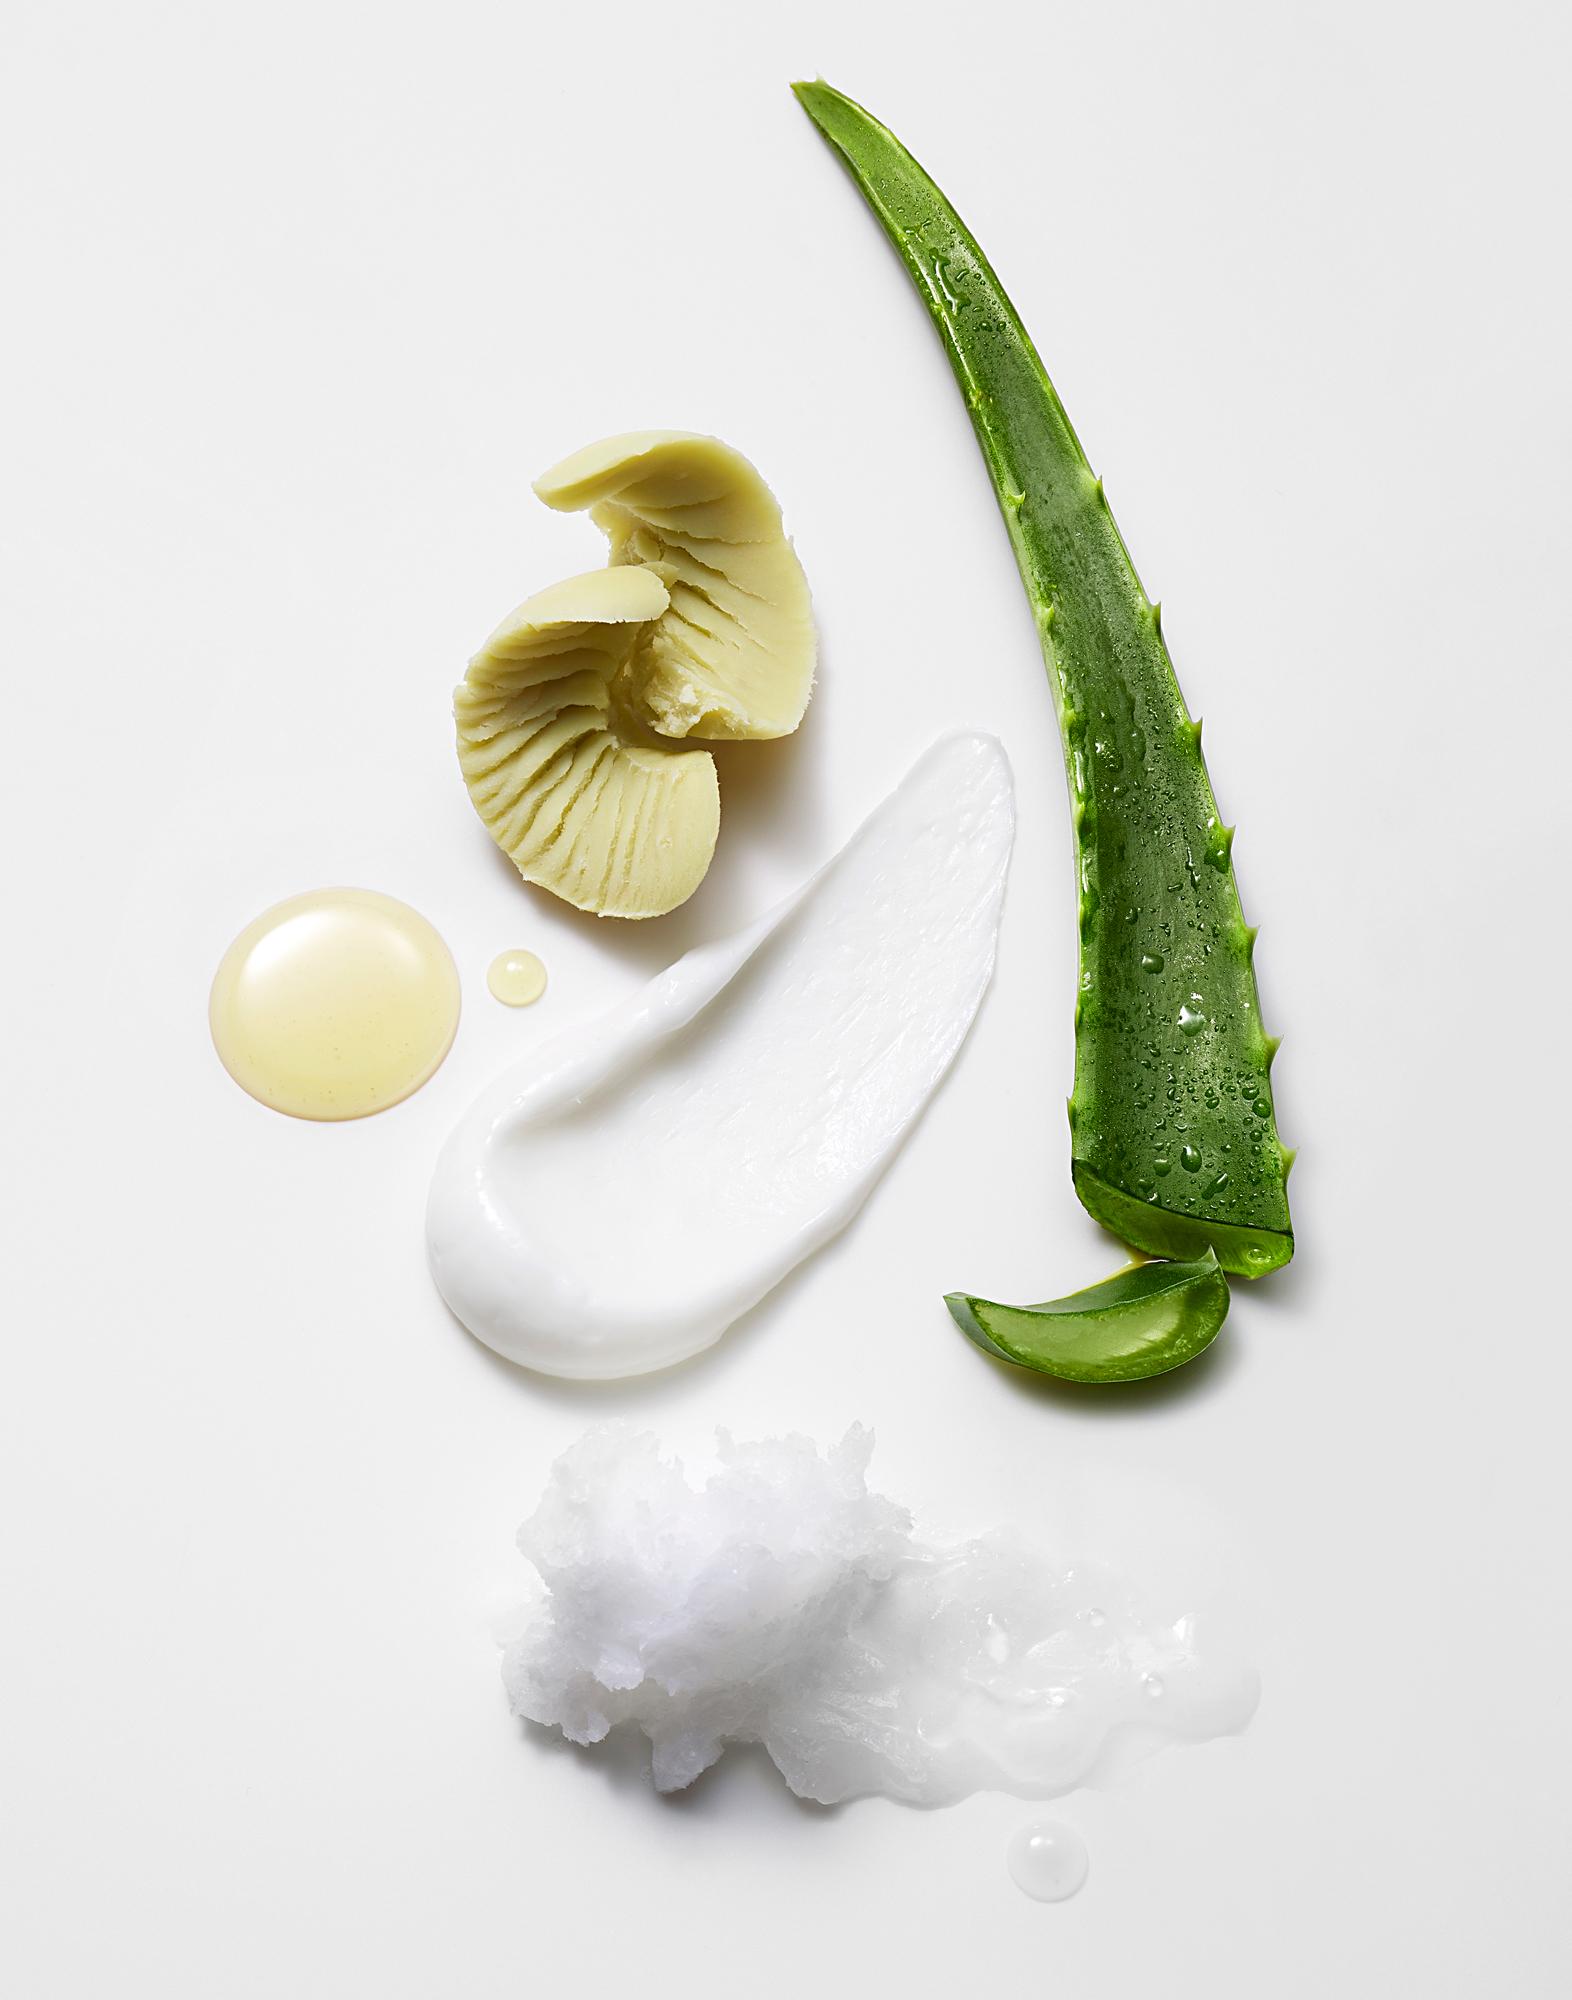 SuperStretch-Ingredients-235.jpg